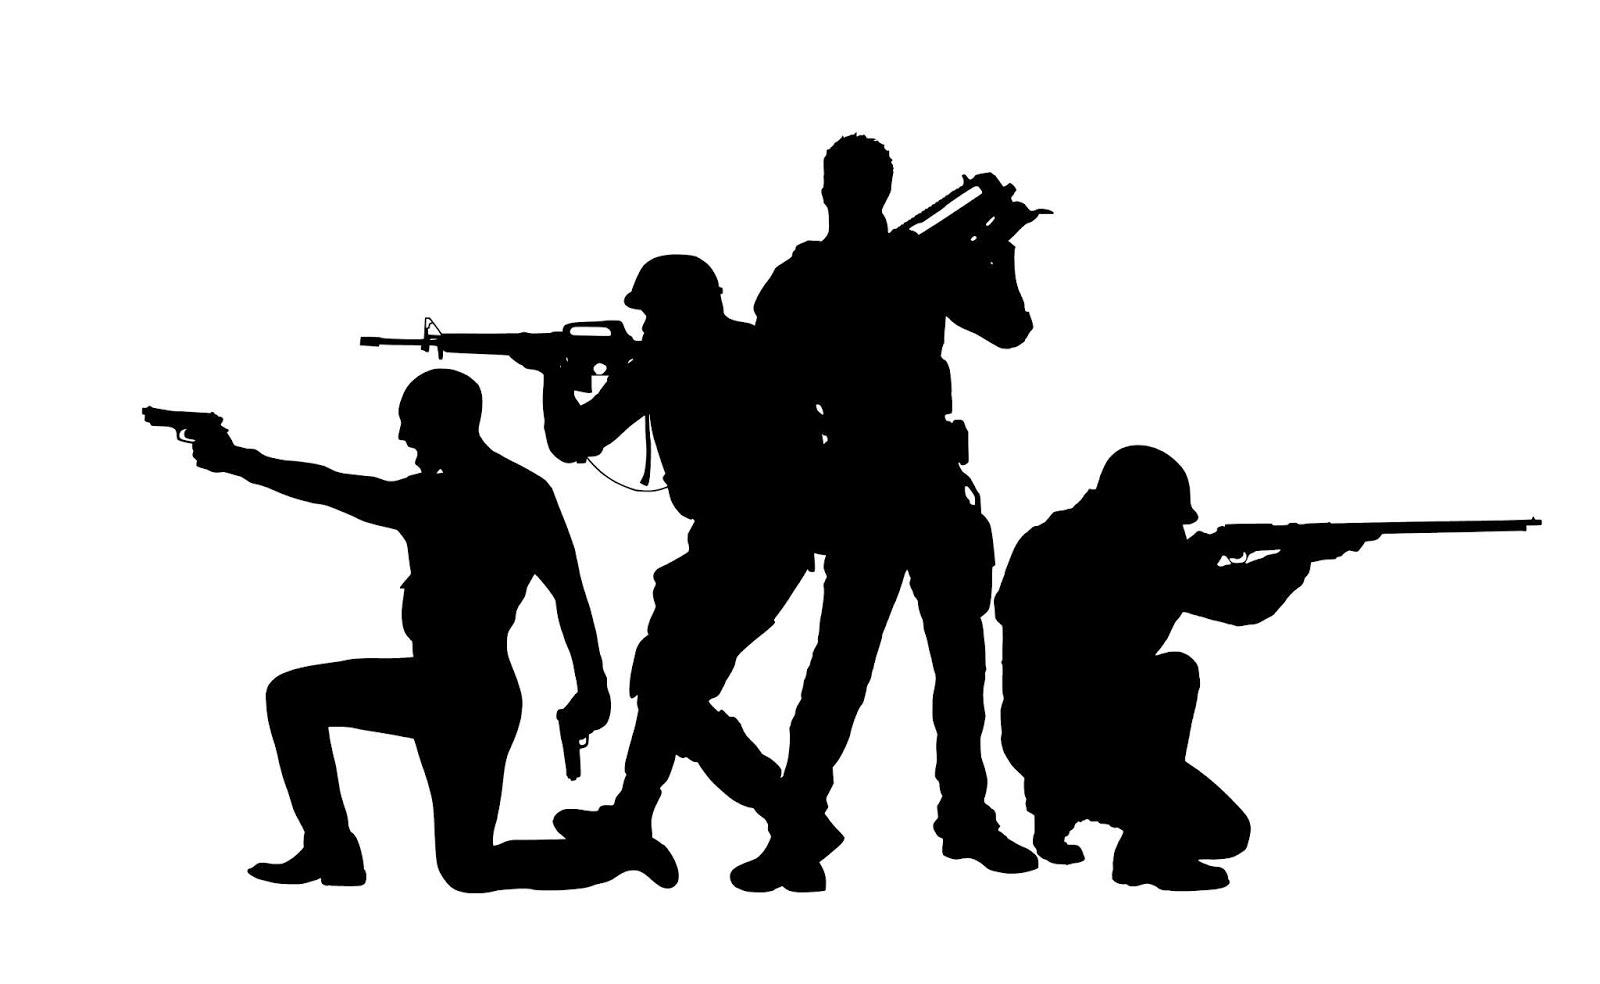 pubg, computer game, counter strike, tommy, gun, machine gun, rifle, battle, ammunition, soldier, trigger, pistol, revolver, game, weapon,